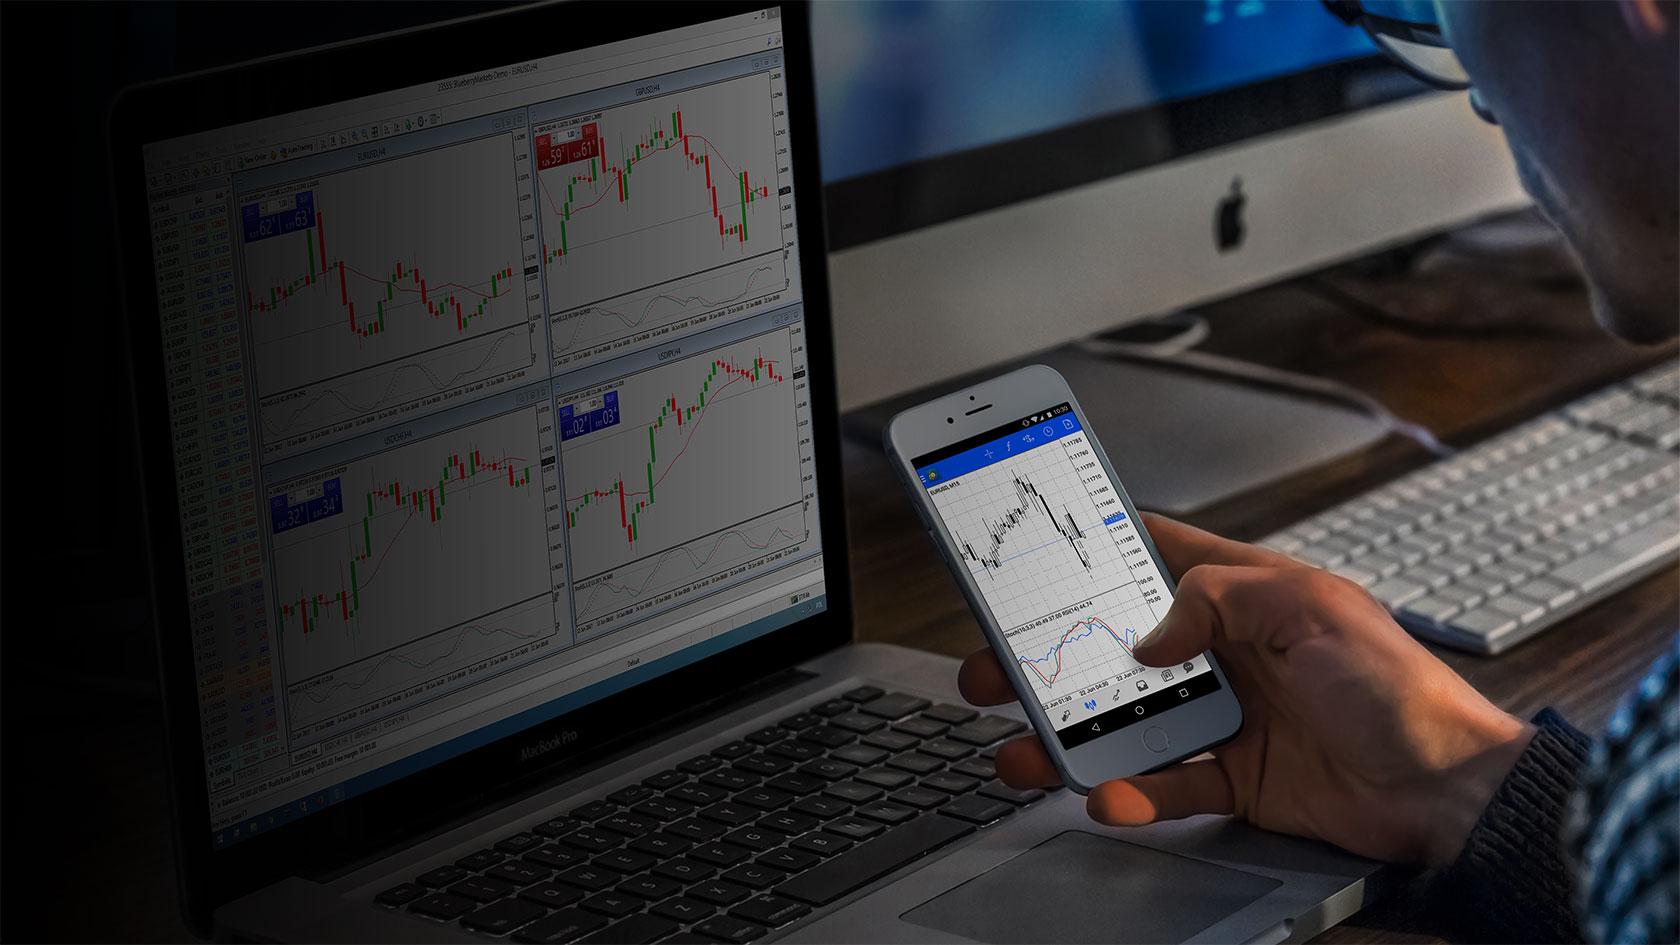 قدرت ضمیر ناخودآگاه در بازارهای مالی